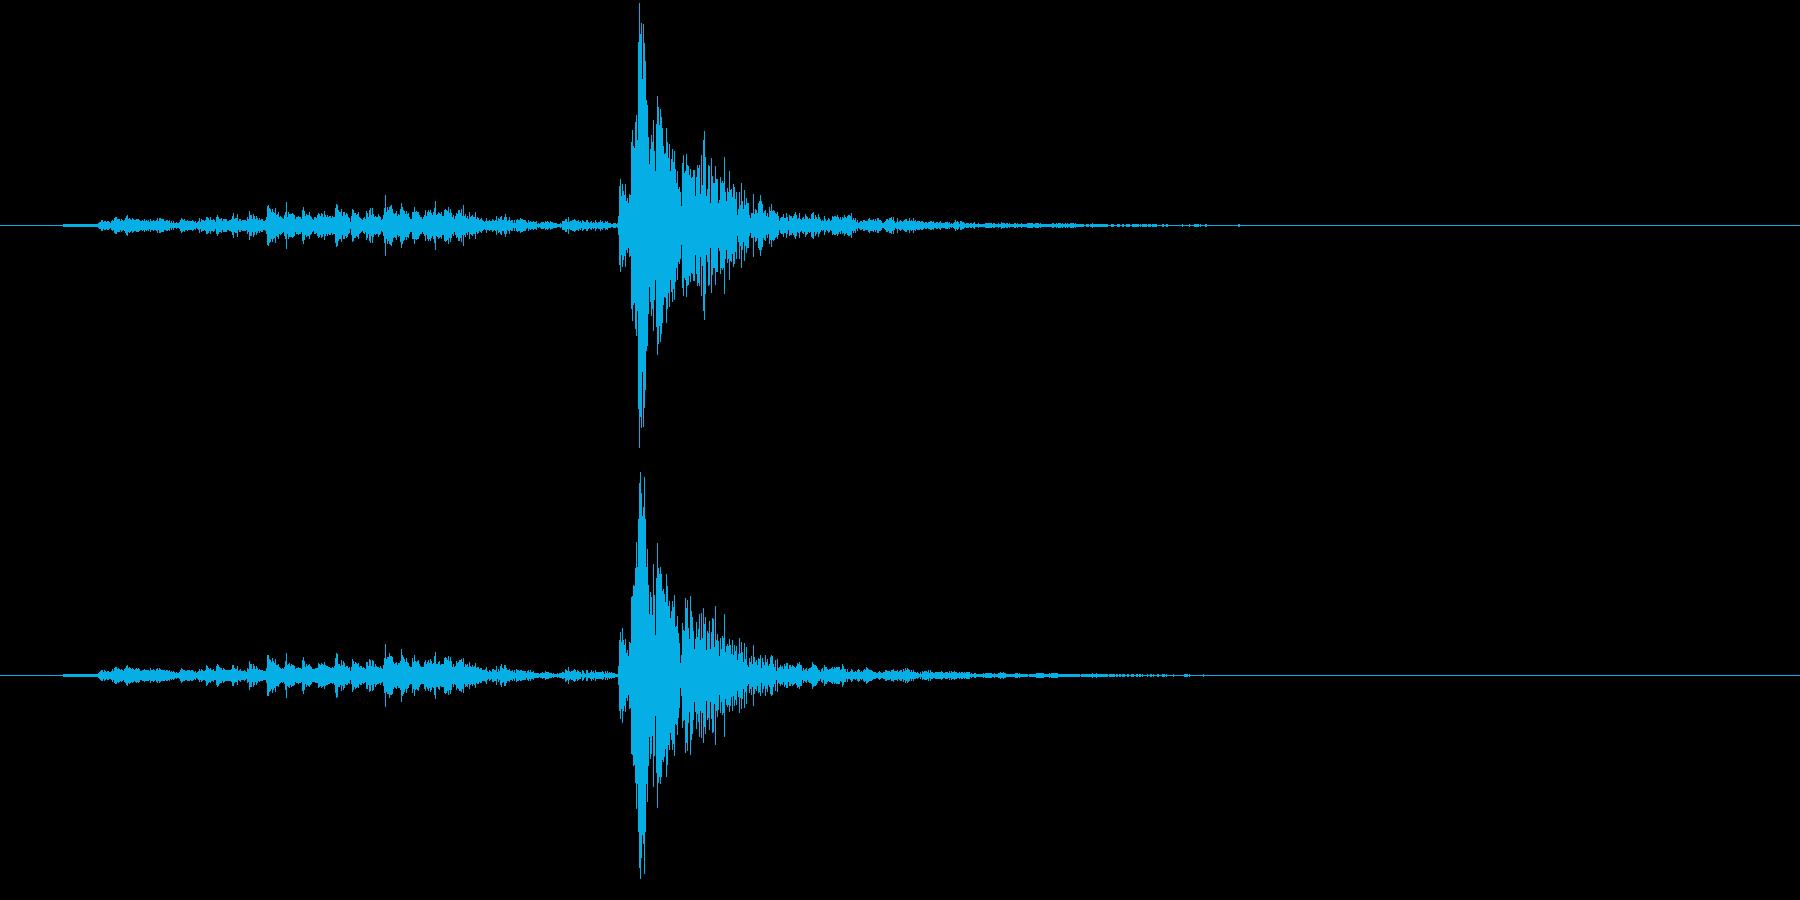 【生録音】シュガーポットの蓋を閉める音の再生済みの波形